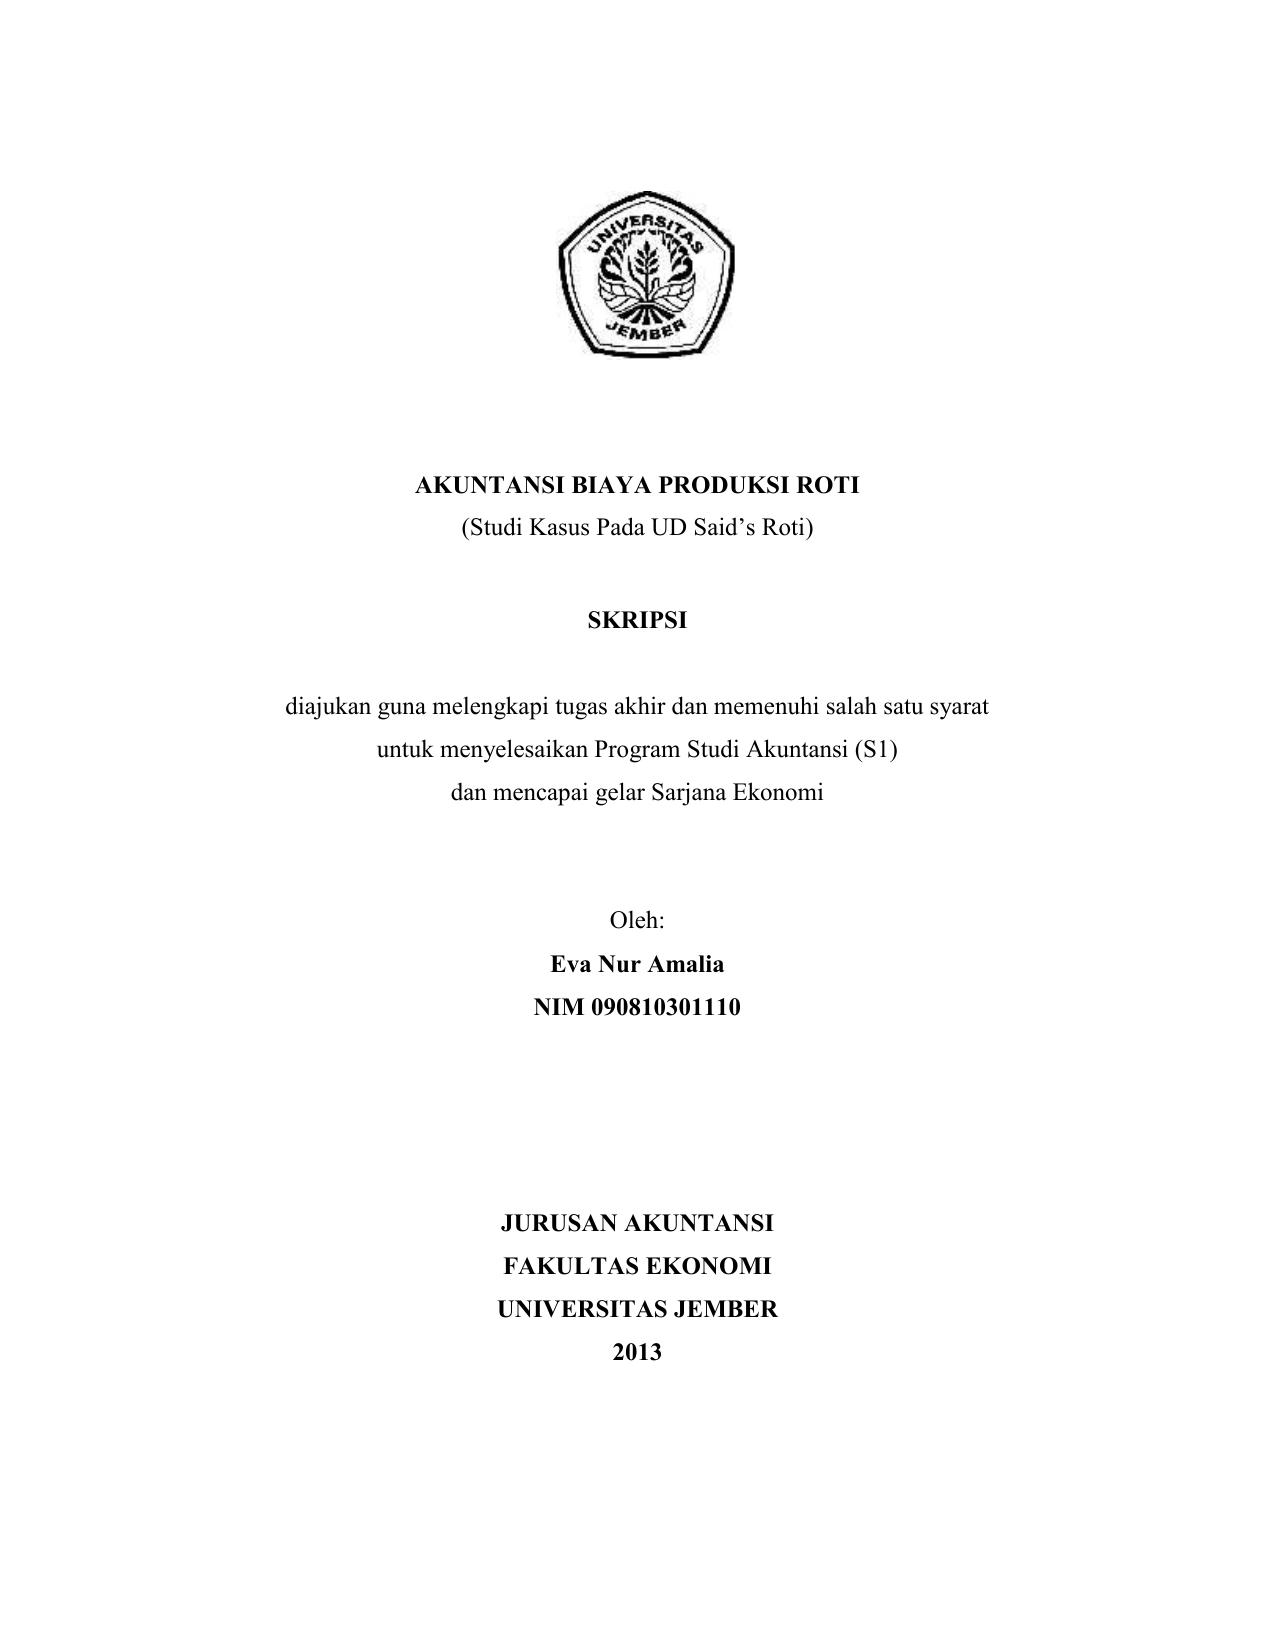 Akuntansi Biaya Produksi Roti